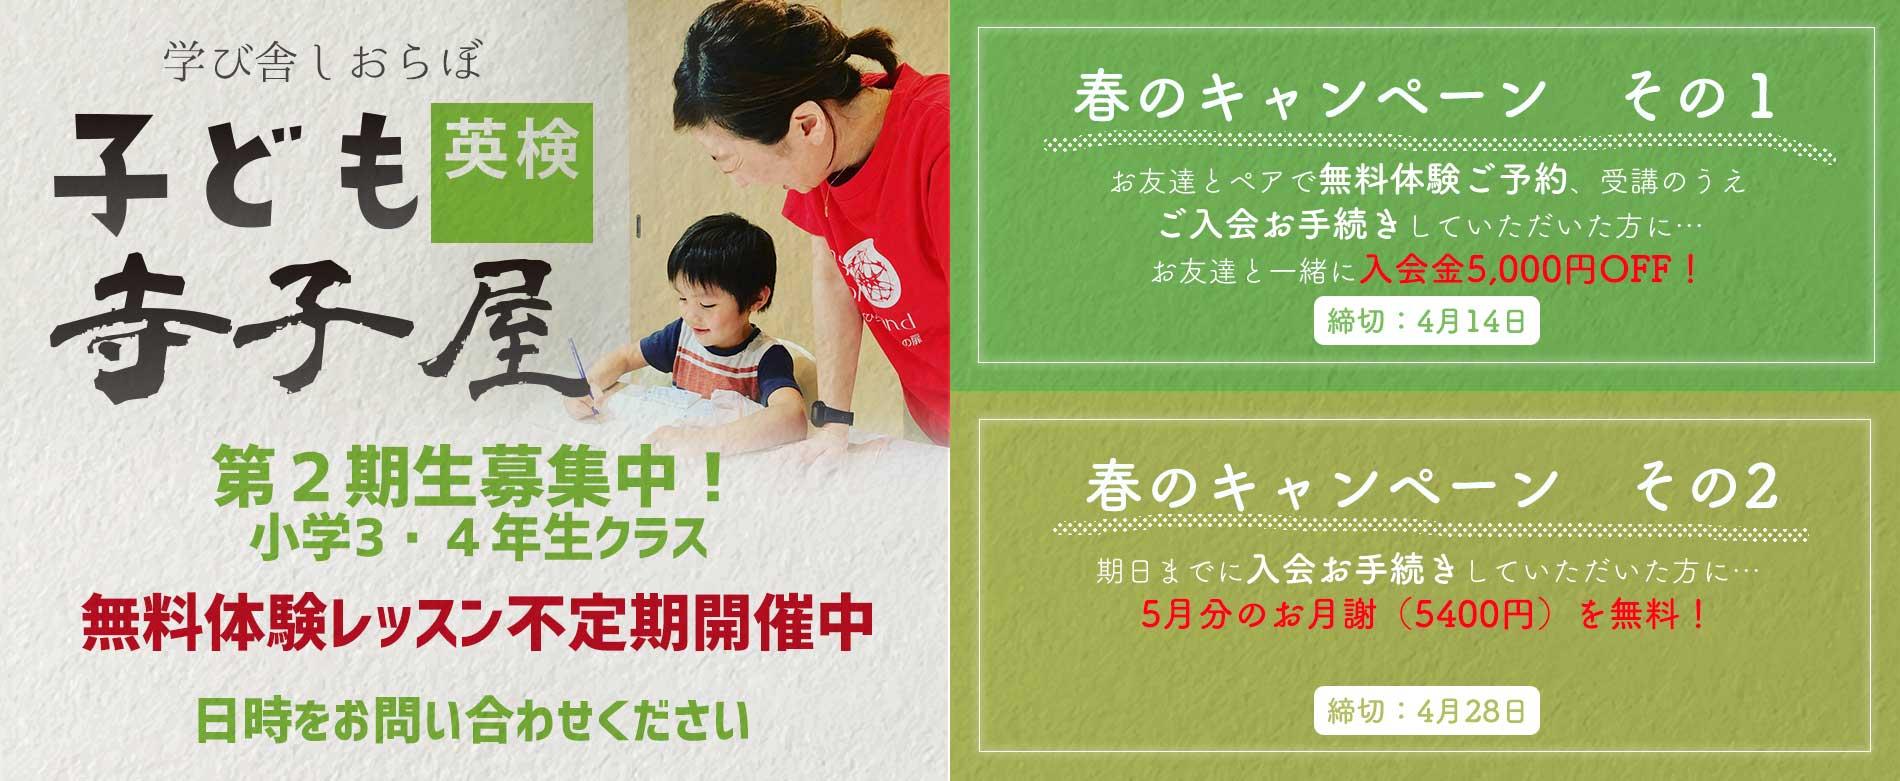 学び舎しおらぼ 子ども英検寺子屋 第二期生募集中